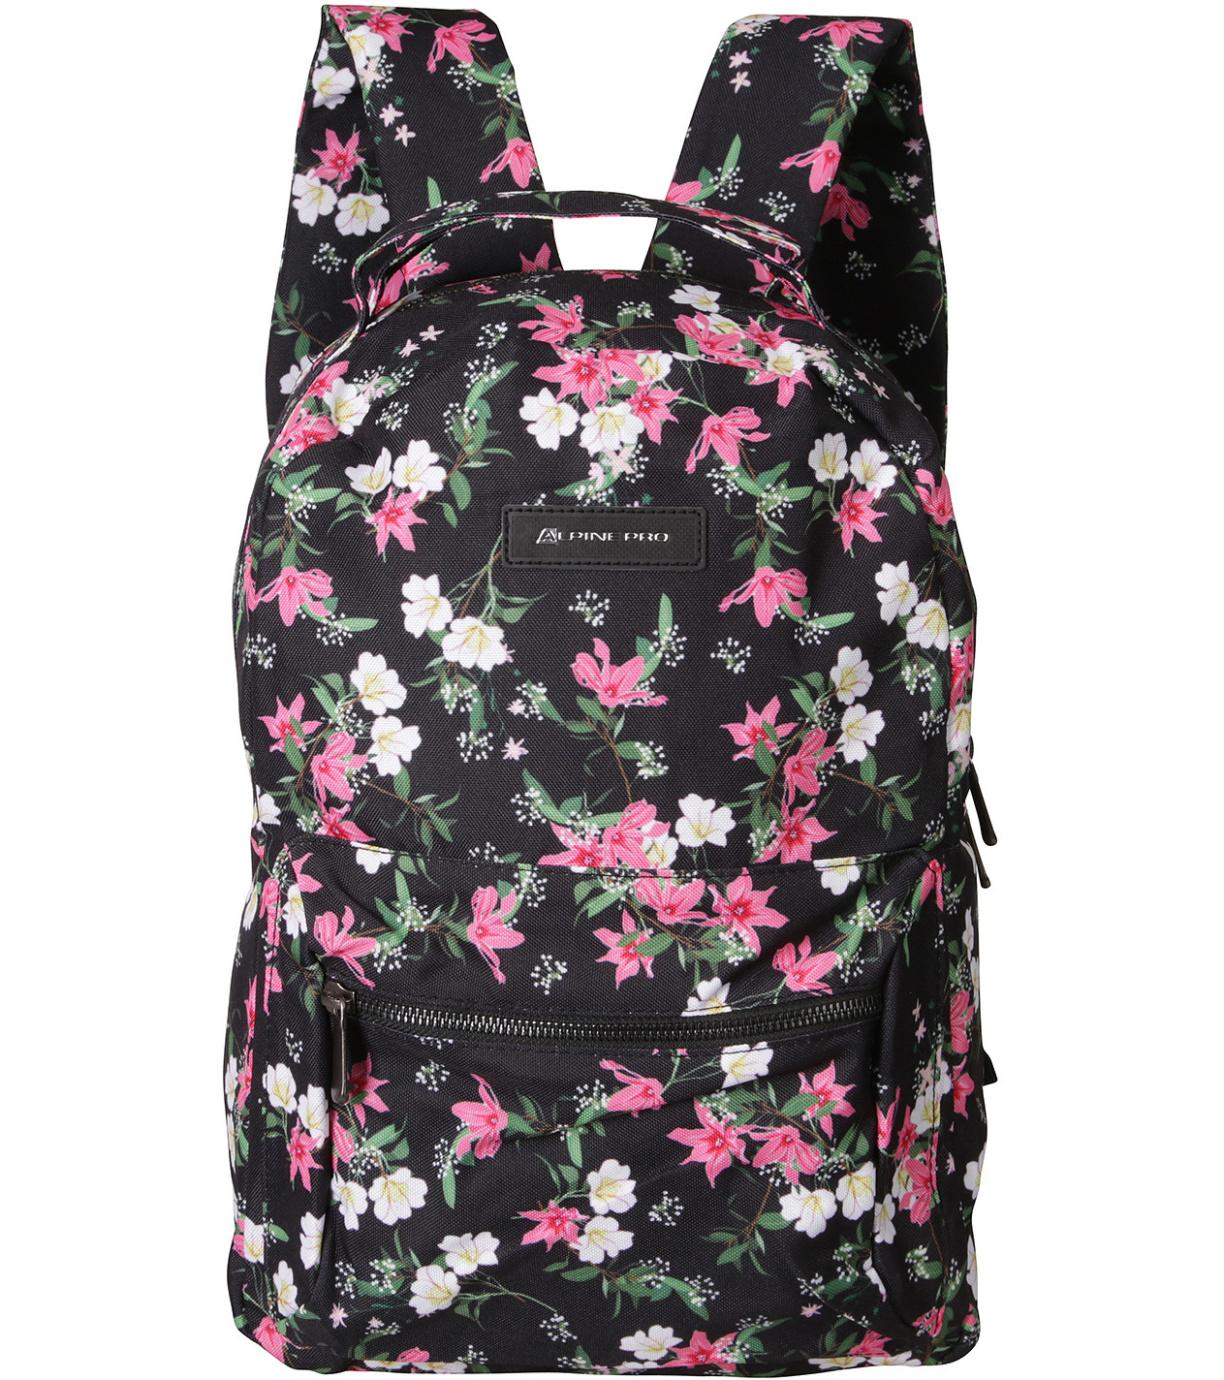 ALPINE PRO MODREDA Dámský batoh 15L LBGT057990 černá 15L